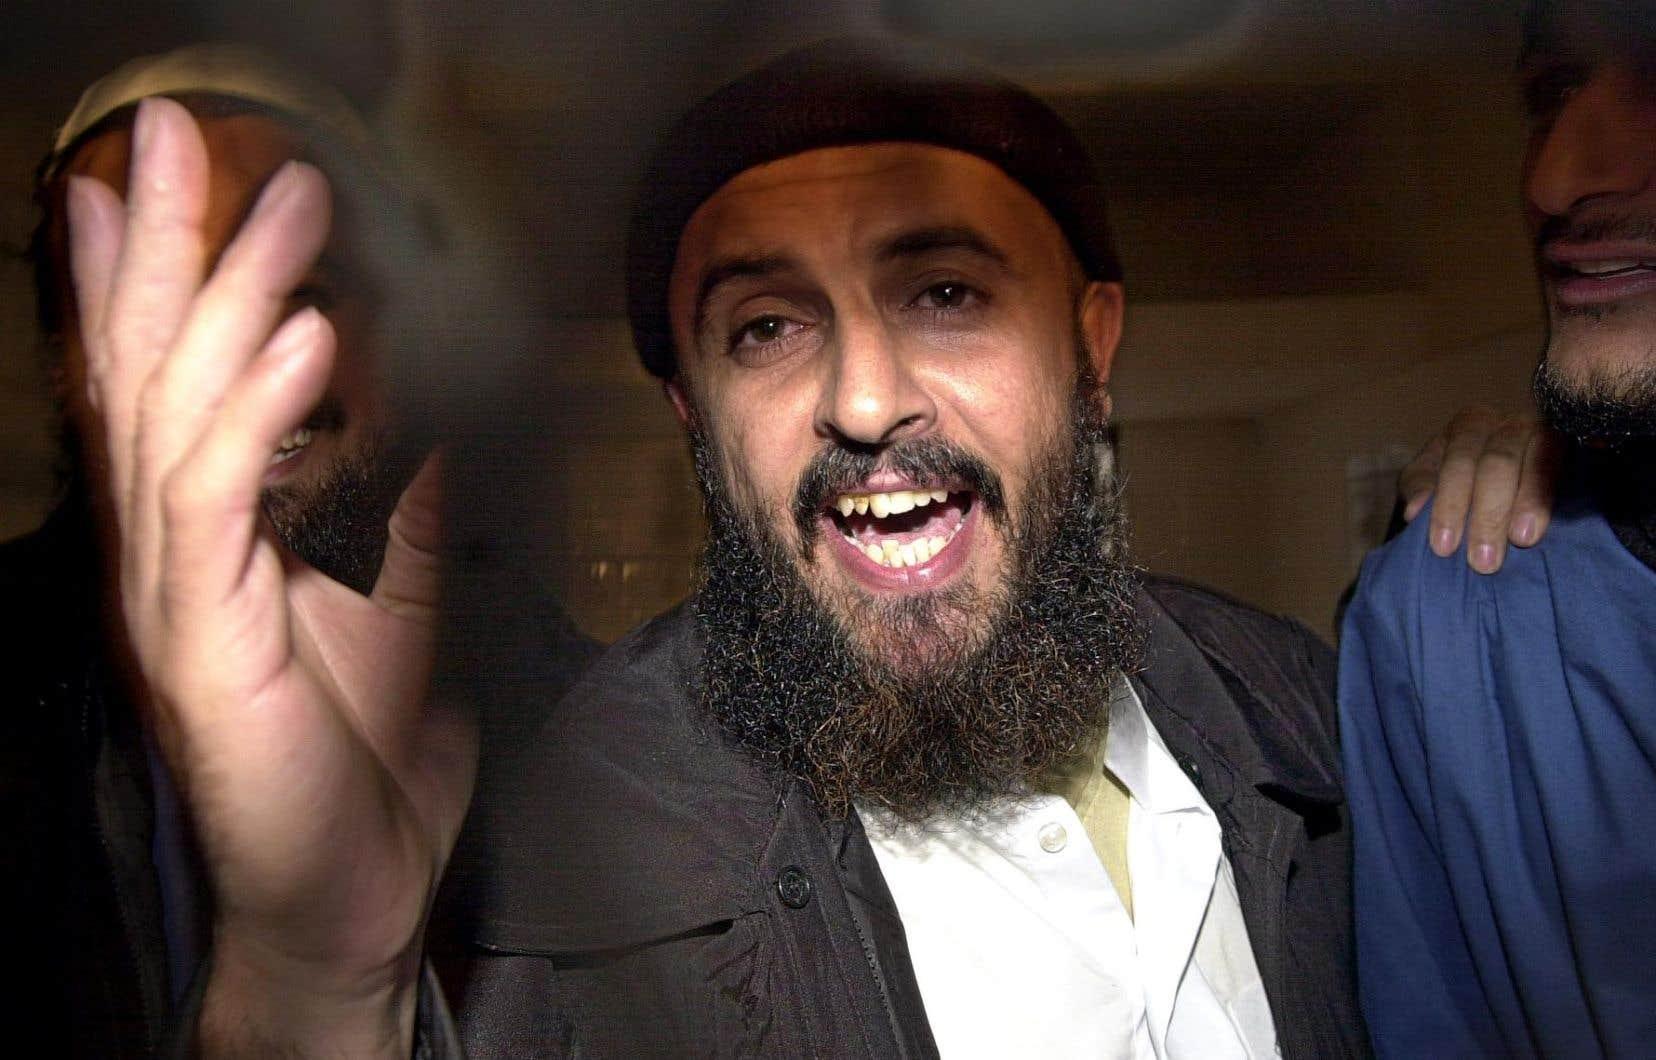 Le Yéménite Jamal al-Badaoui, en 2005, au moment d'entendre sa sentence en cour d'appel pour son implication dans l'attaque contre le navire américain. Il s'est évadé en 2006.